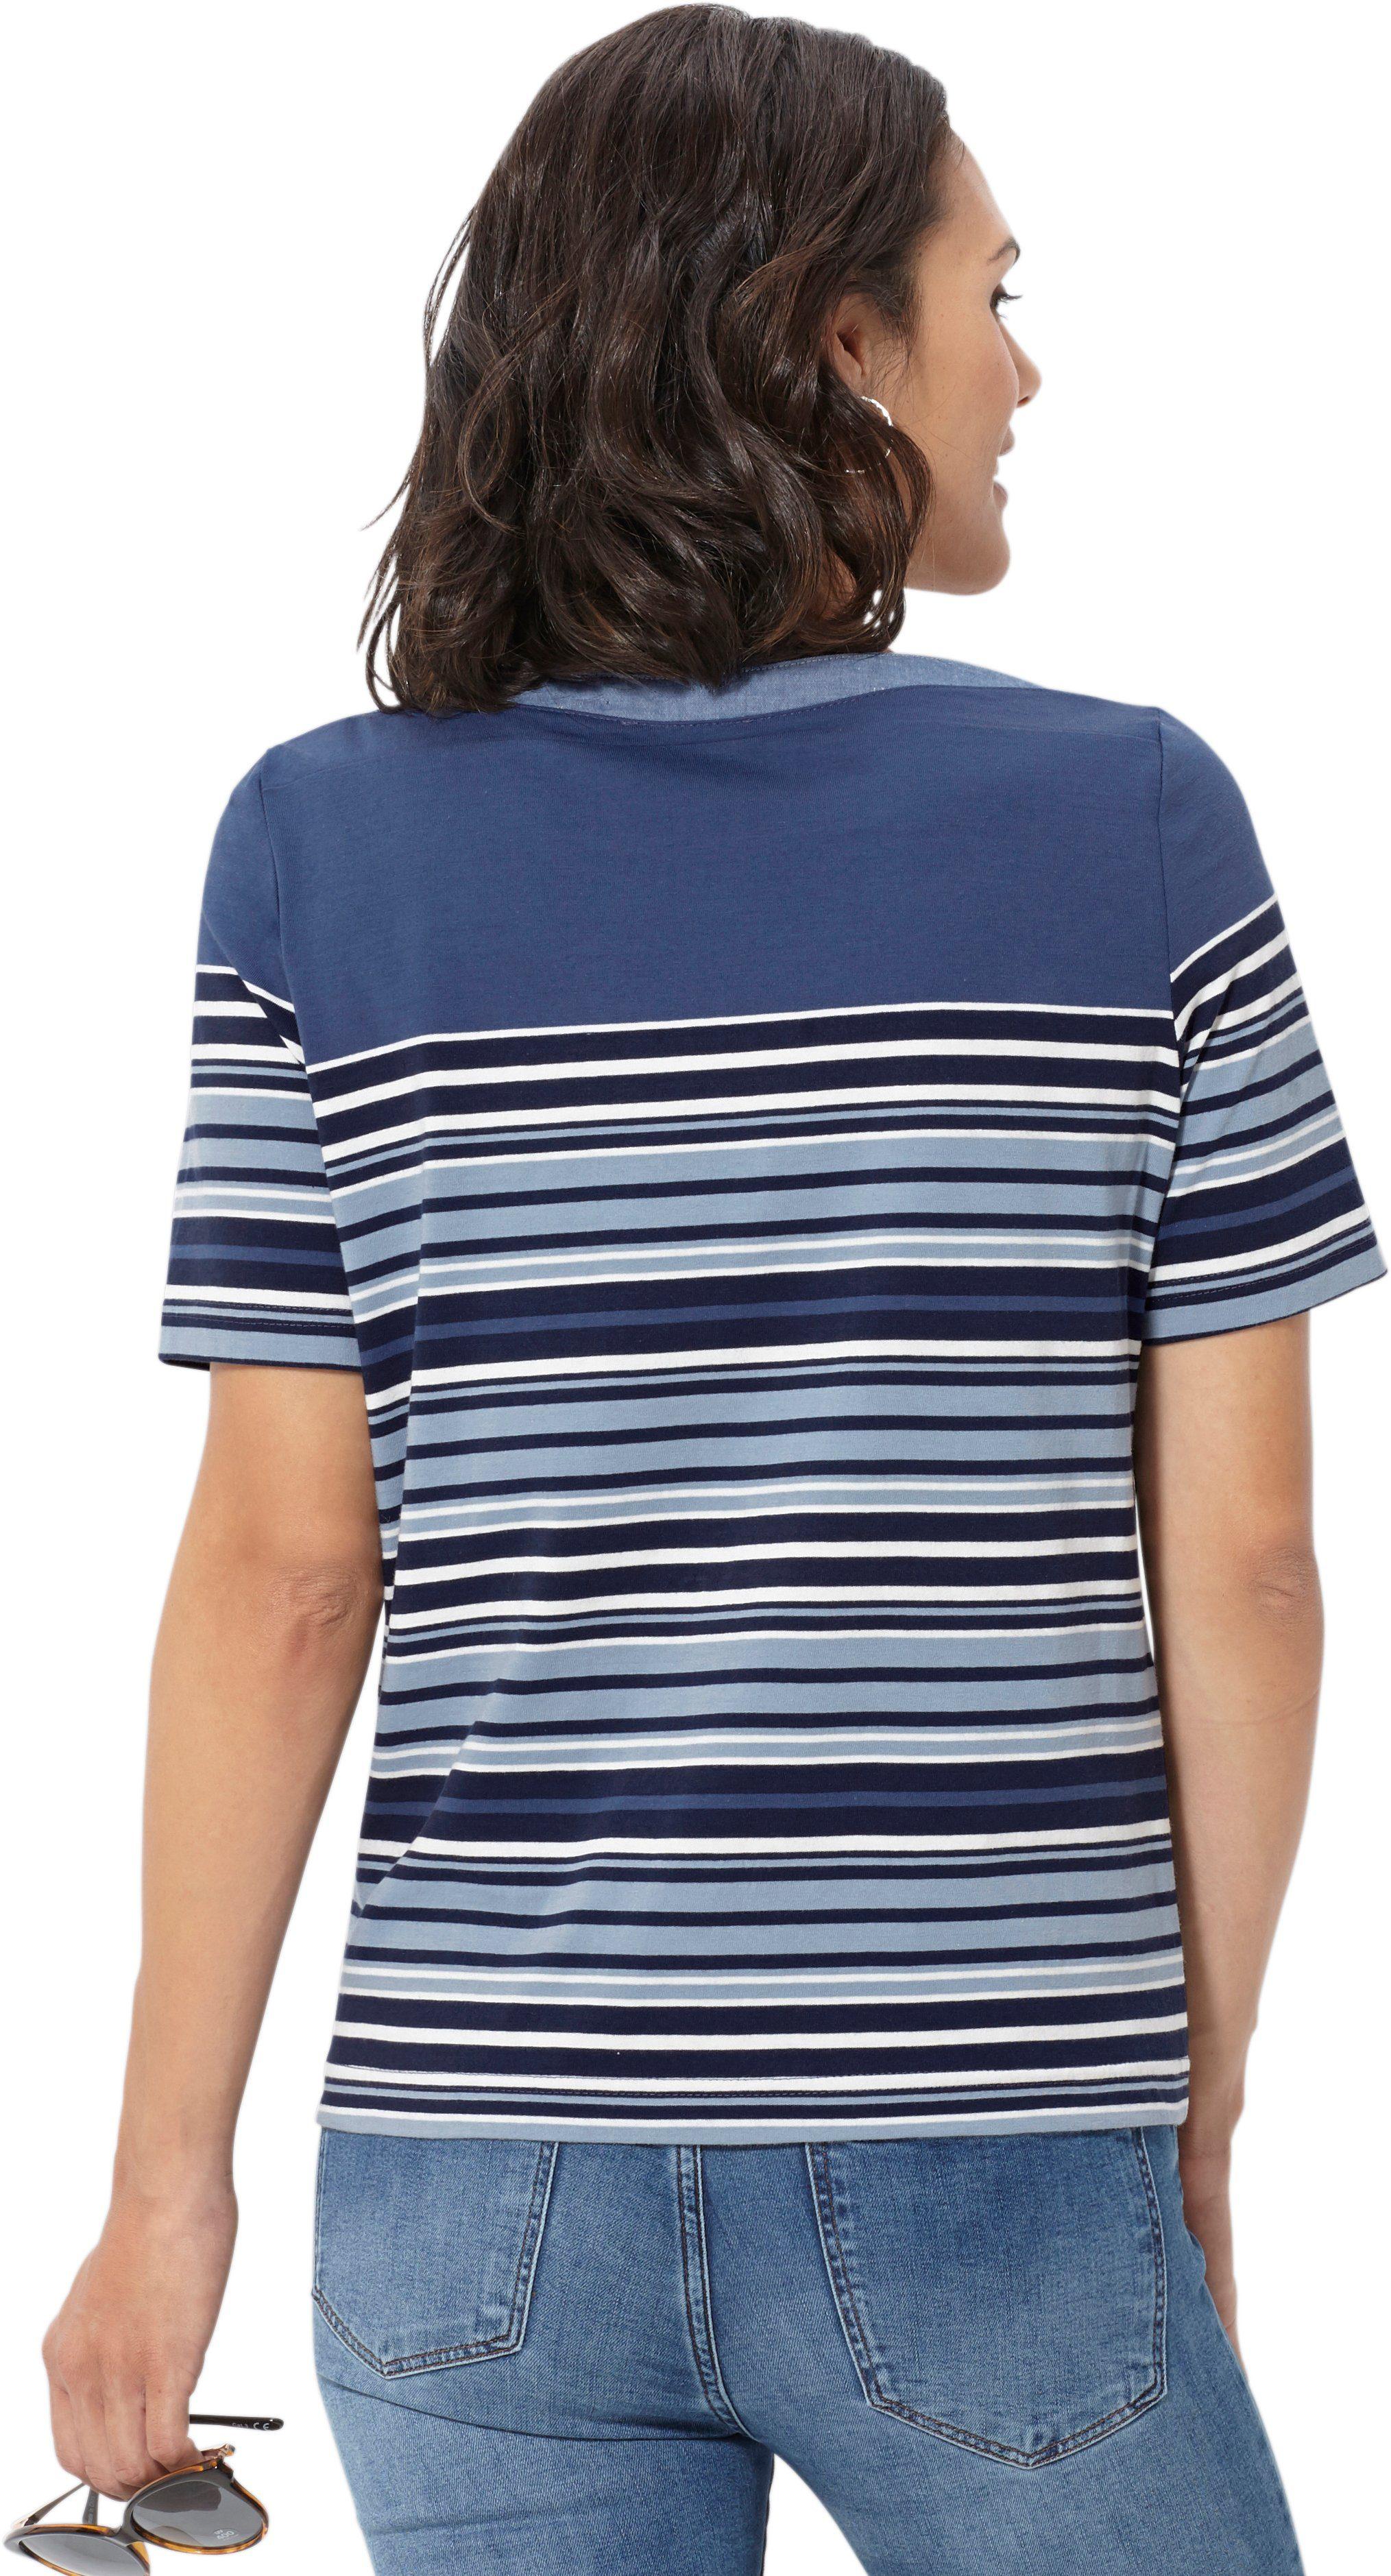 Casual Looks Shirt Met Sierknoop Bij De Hals Makkelijk Gekocht - Geweldige Prijs